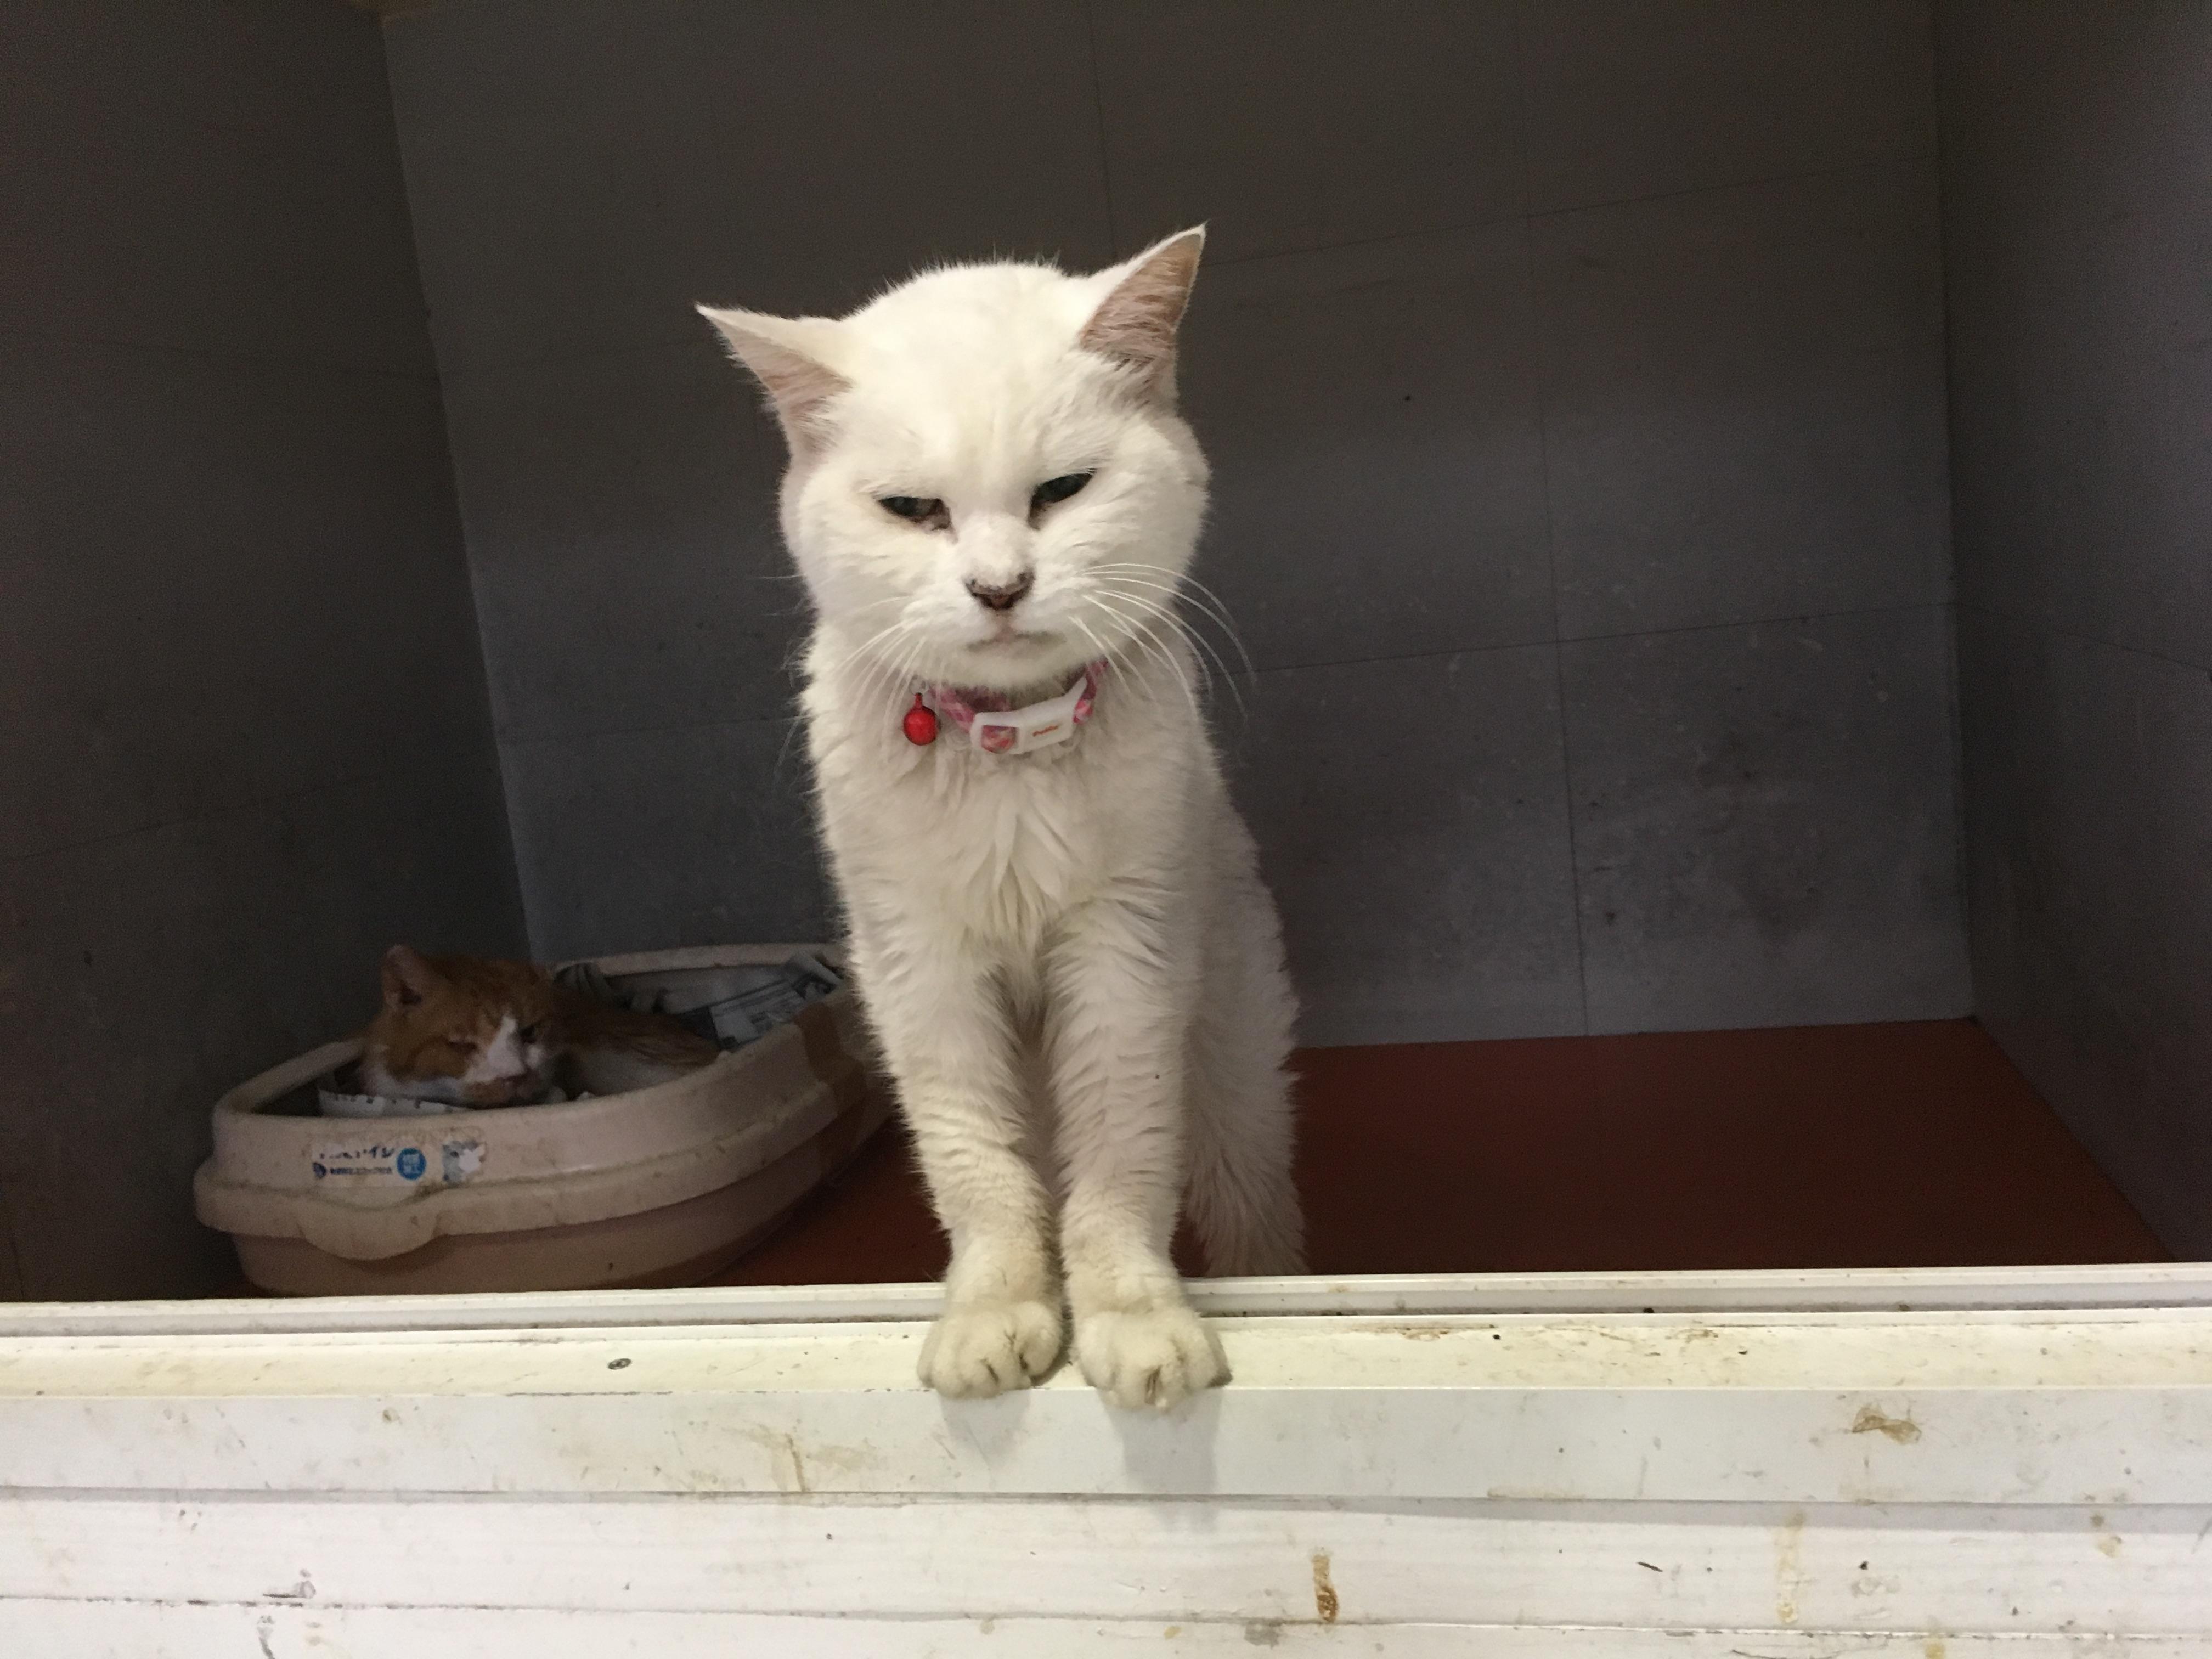 <ul> <li>H7-2</li> <li>猫種:日本猫 白</li> <li>性別:女の子</li> <li>名前:そのこ</li> <li>年齢:16才</li> <li>保護経緯:飼い主様が亡くなられたため飼育困難になりました</li> <li>その他:避妊済み</li> </ul>